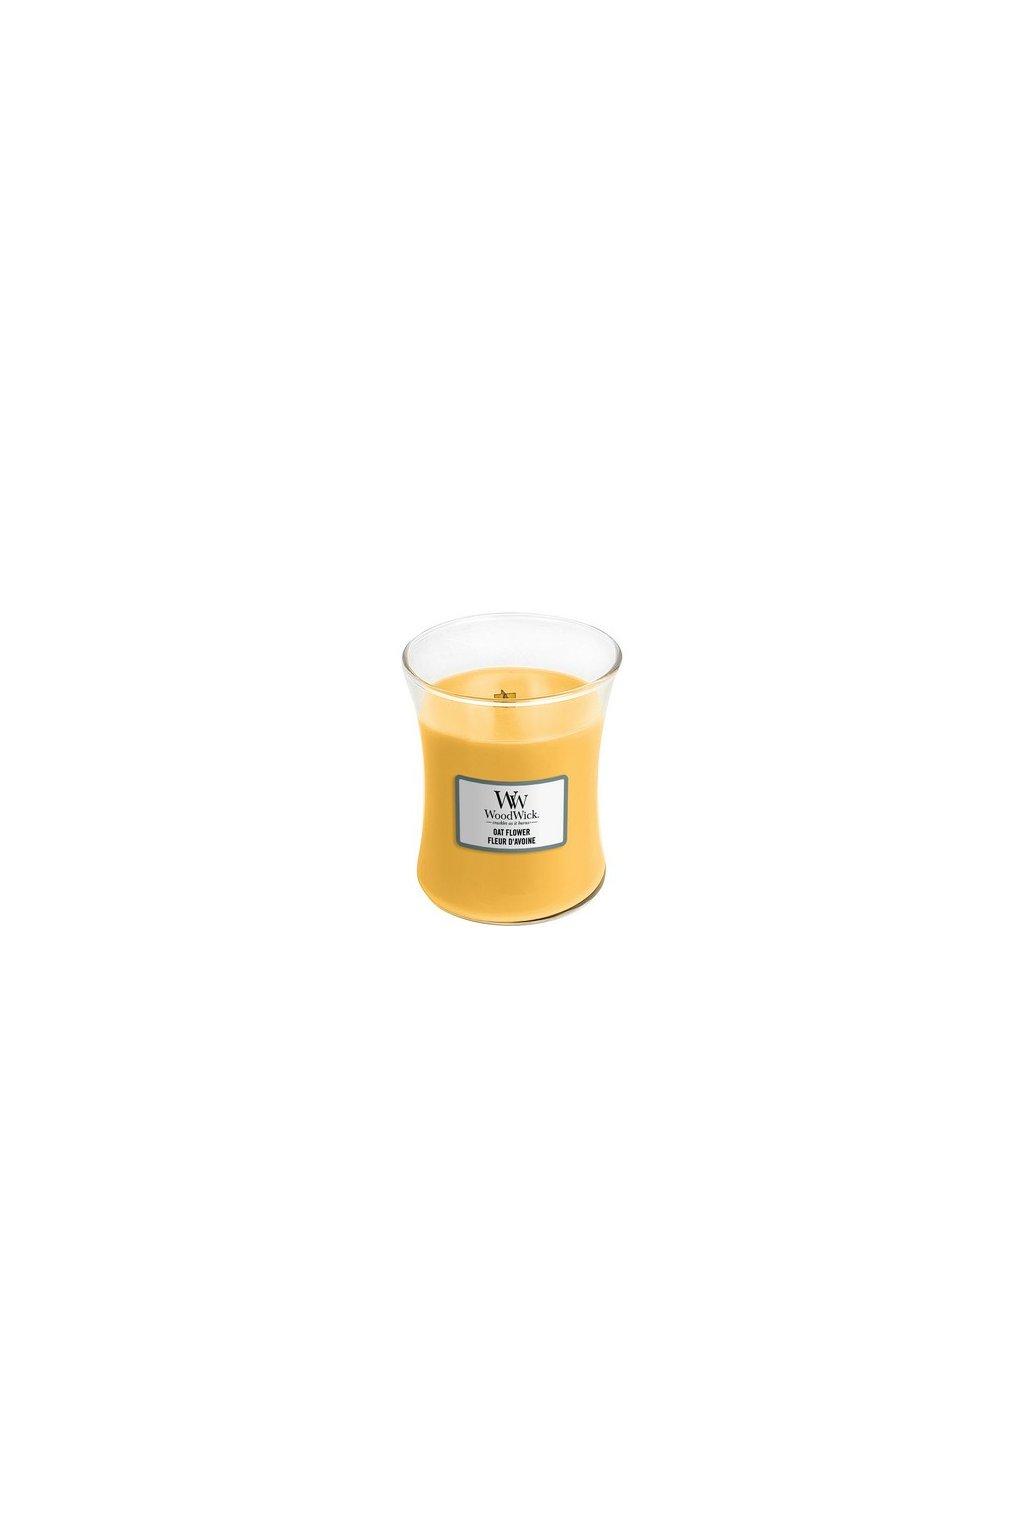 WoodWick Oat Flower svíčka střední 275g